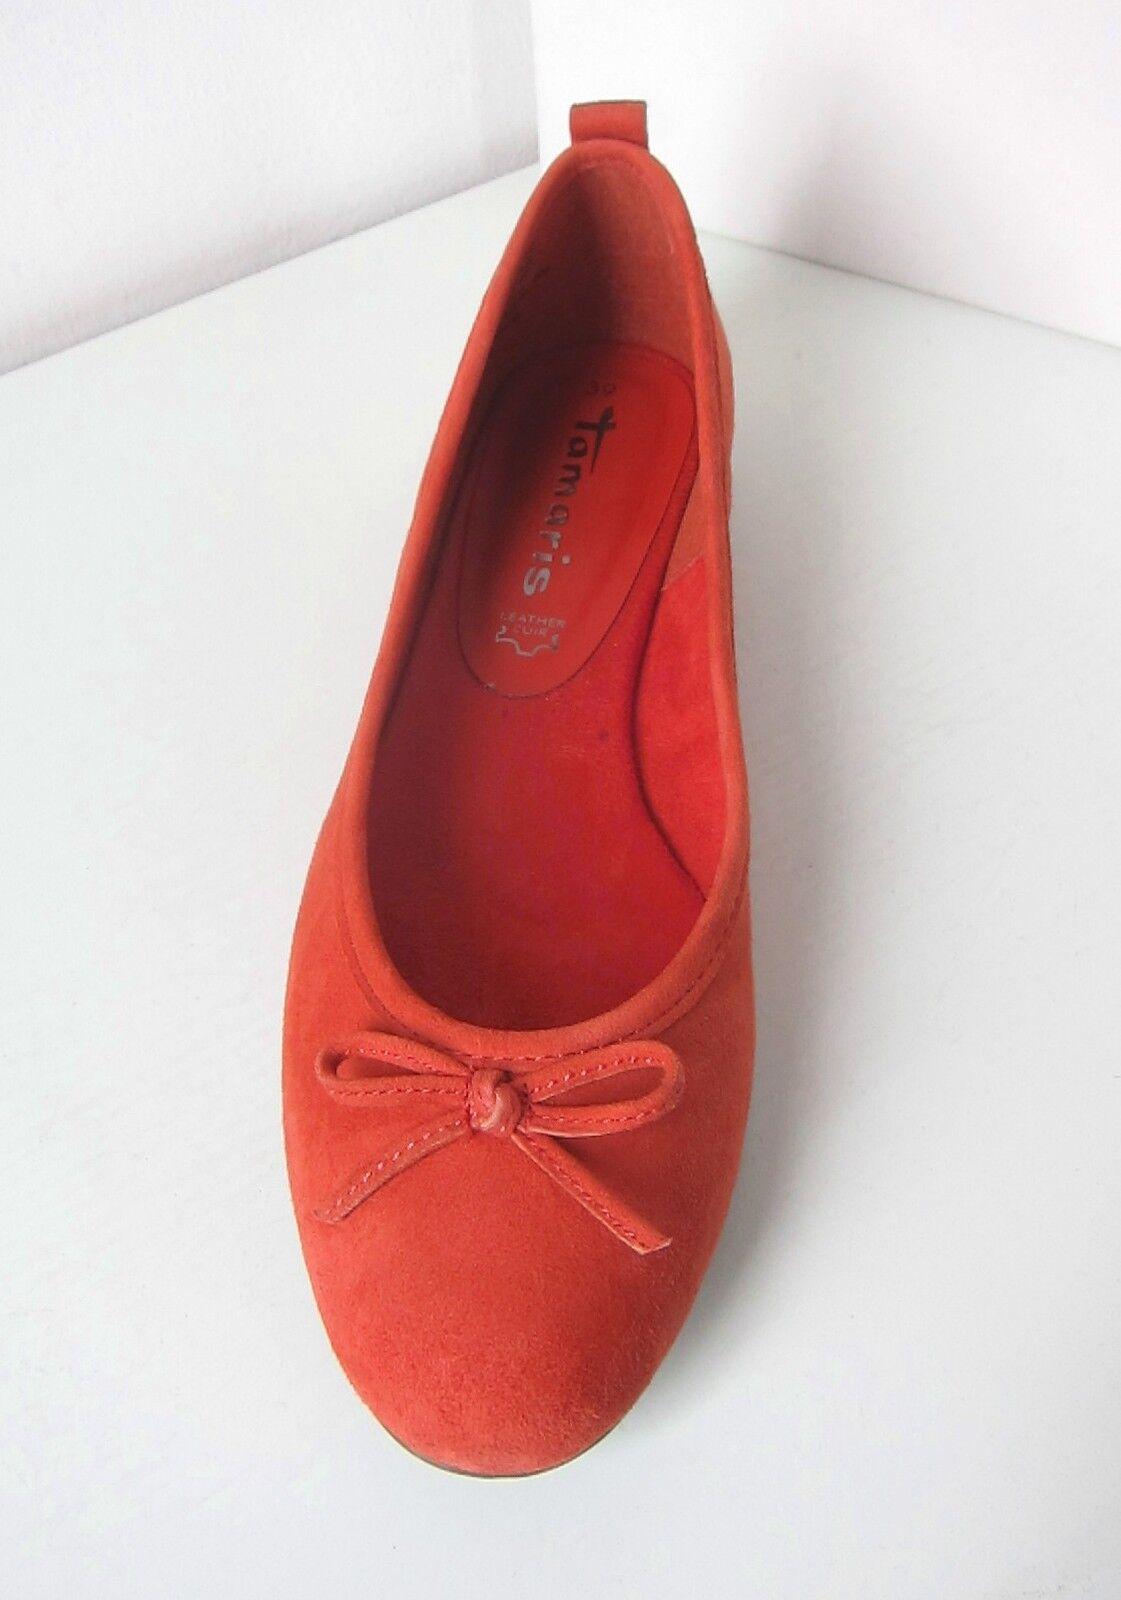 Tamaris Ballerina Wildleder mandarin Gr 40 schuhe suede schuhe 40 orange ballerinas birago 452e1d